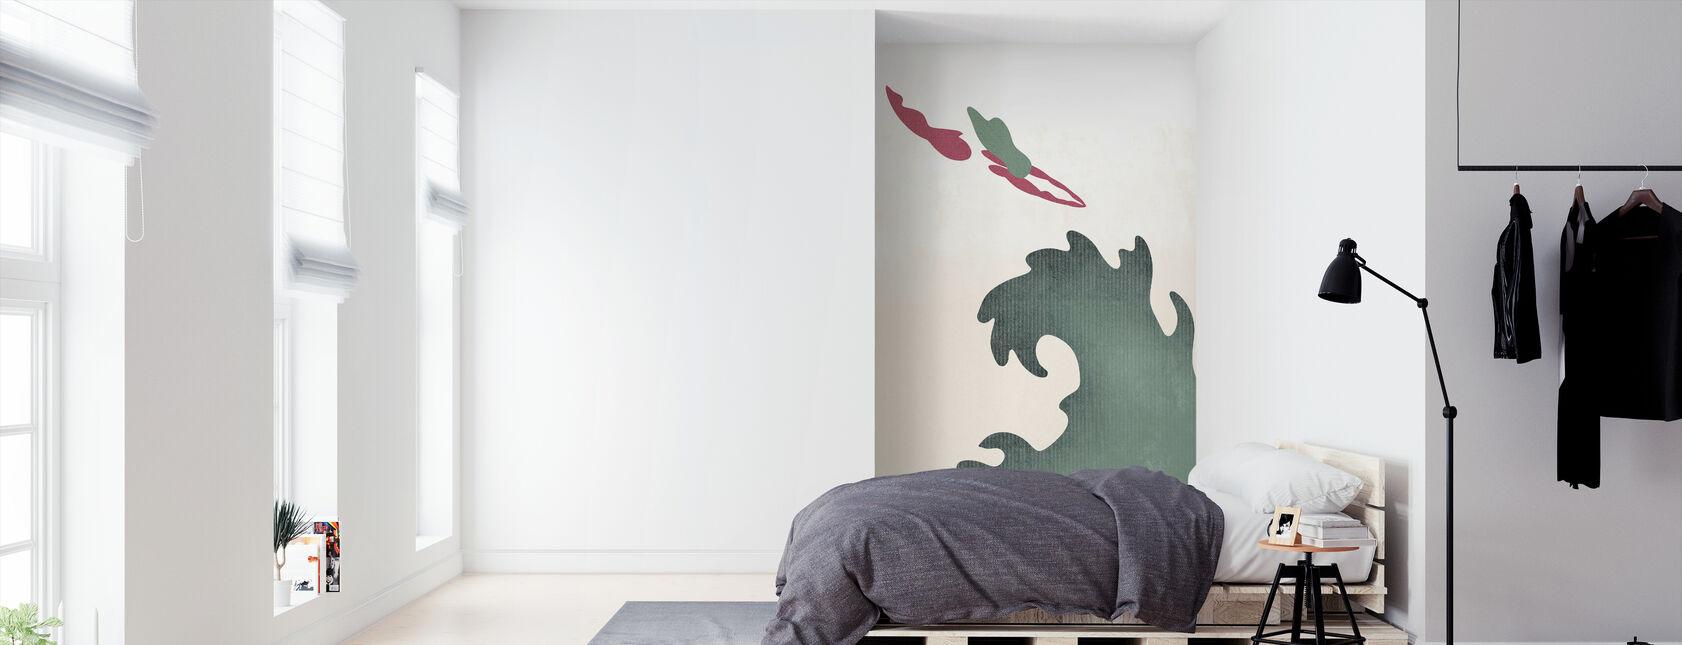 Heilige Duiker - Groen - Behang - Slaapkamer